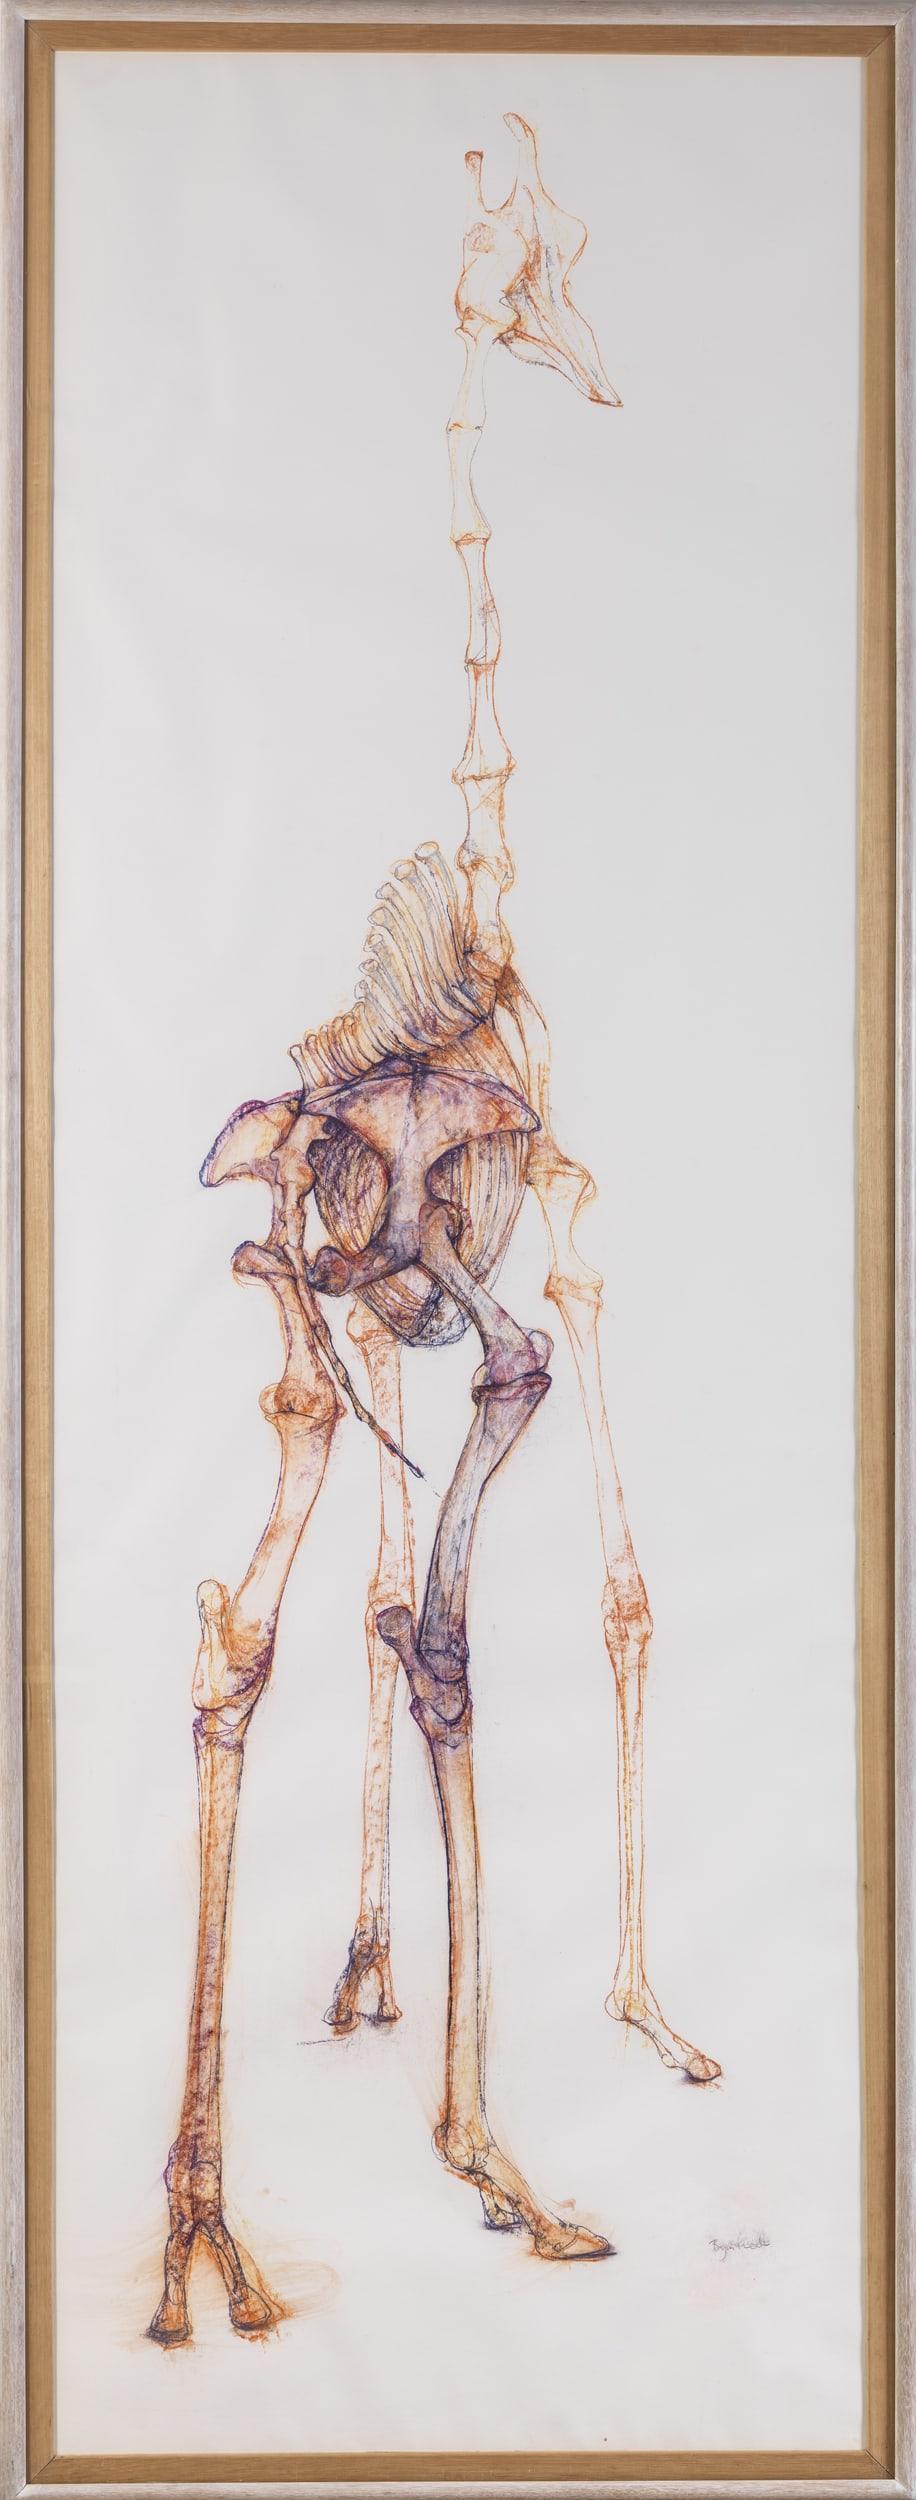 Bryan Kneale, Giraffe, c.1987